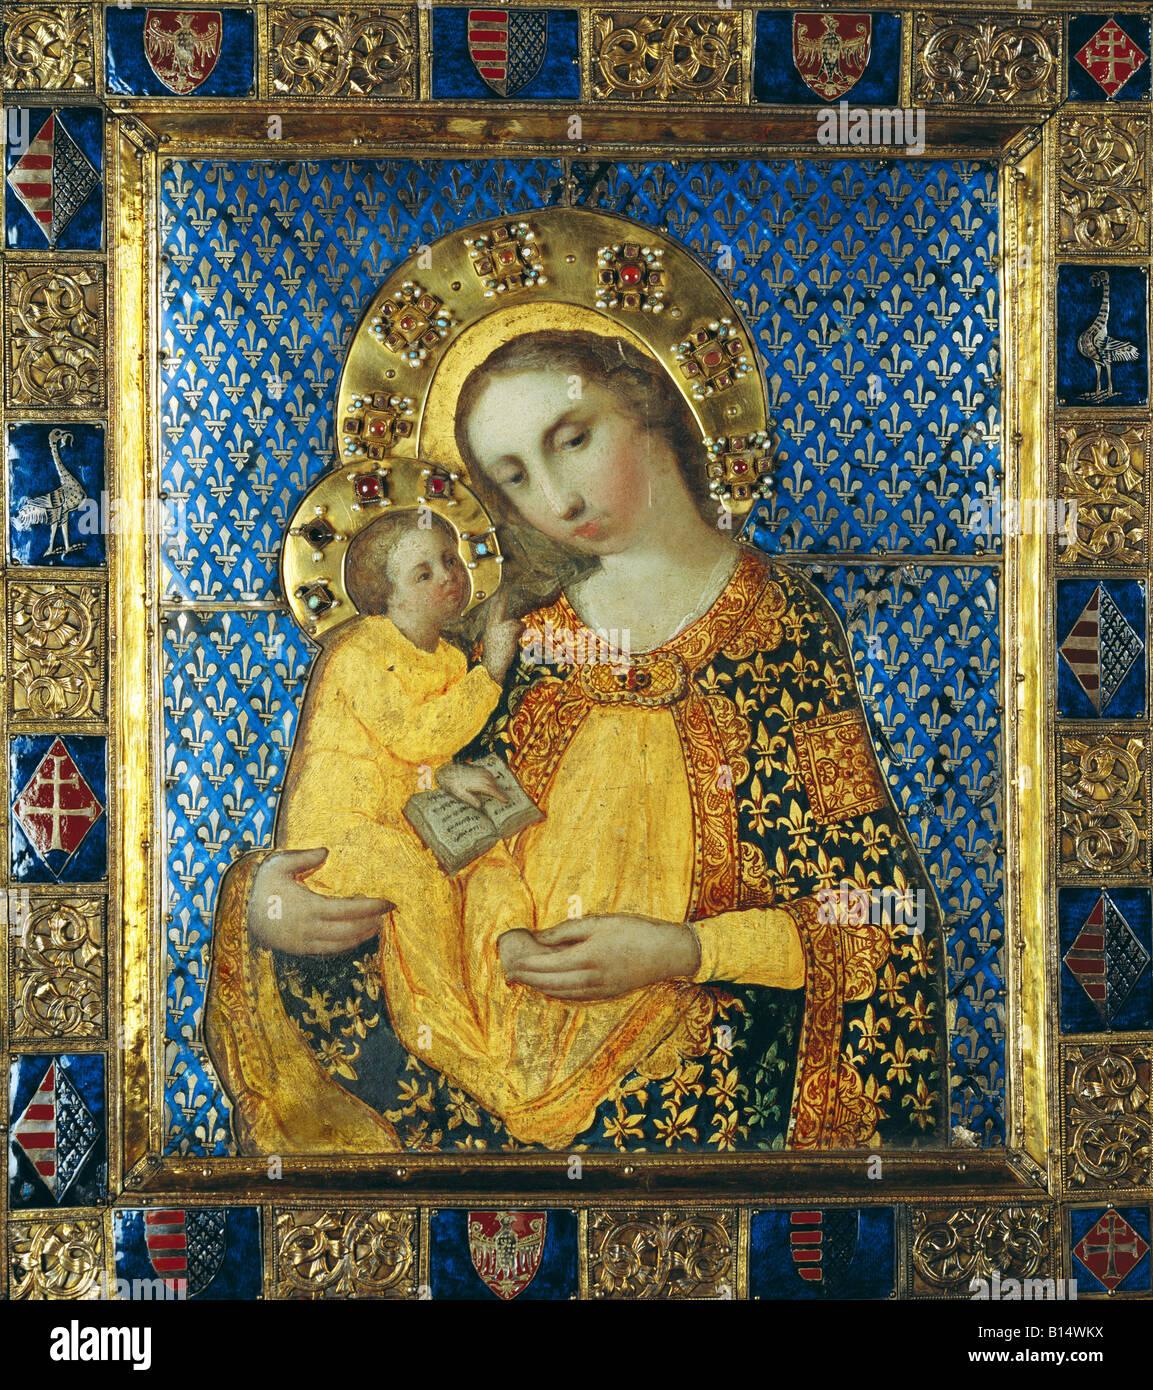 Beaux-arts, art religieux, Vierge Marie avec l'enfant, peinture, tempera sur bois, feuille d'argent gilted Photo Stock